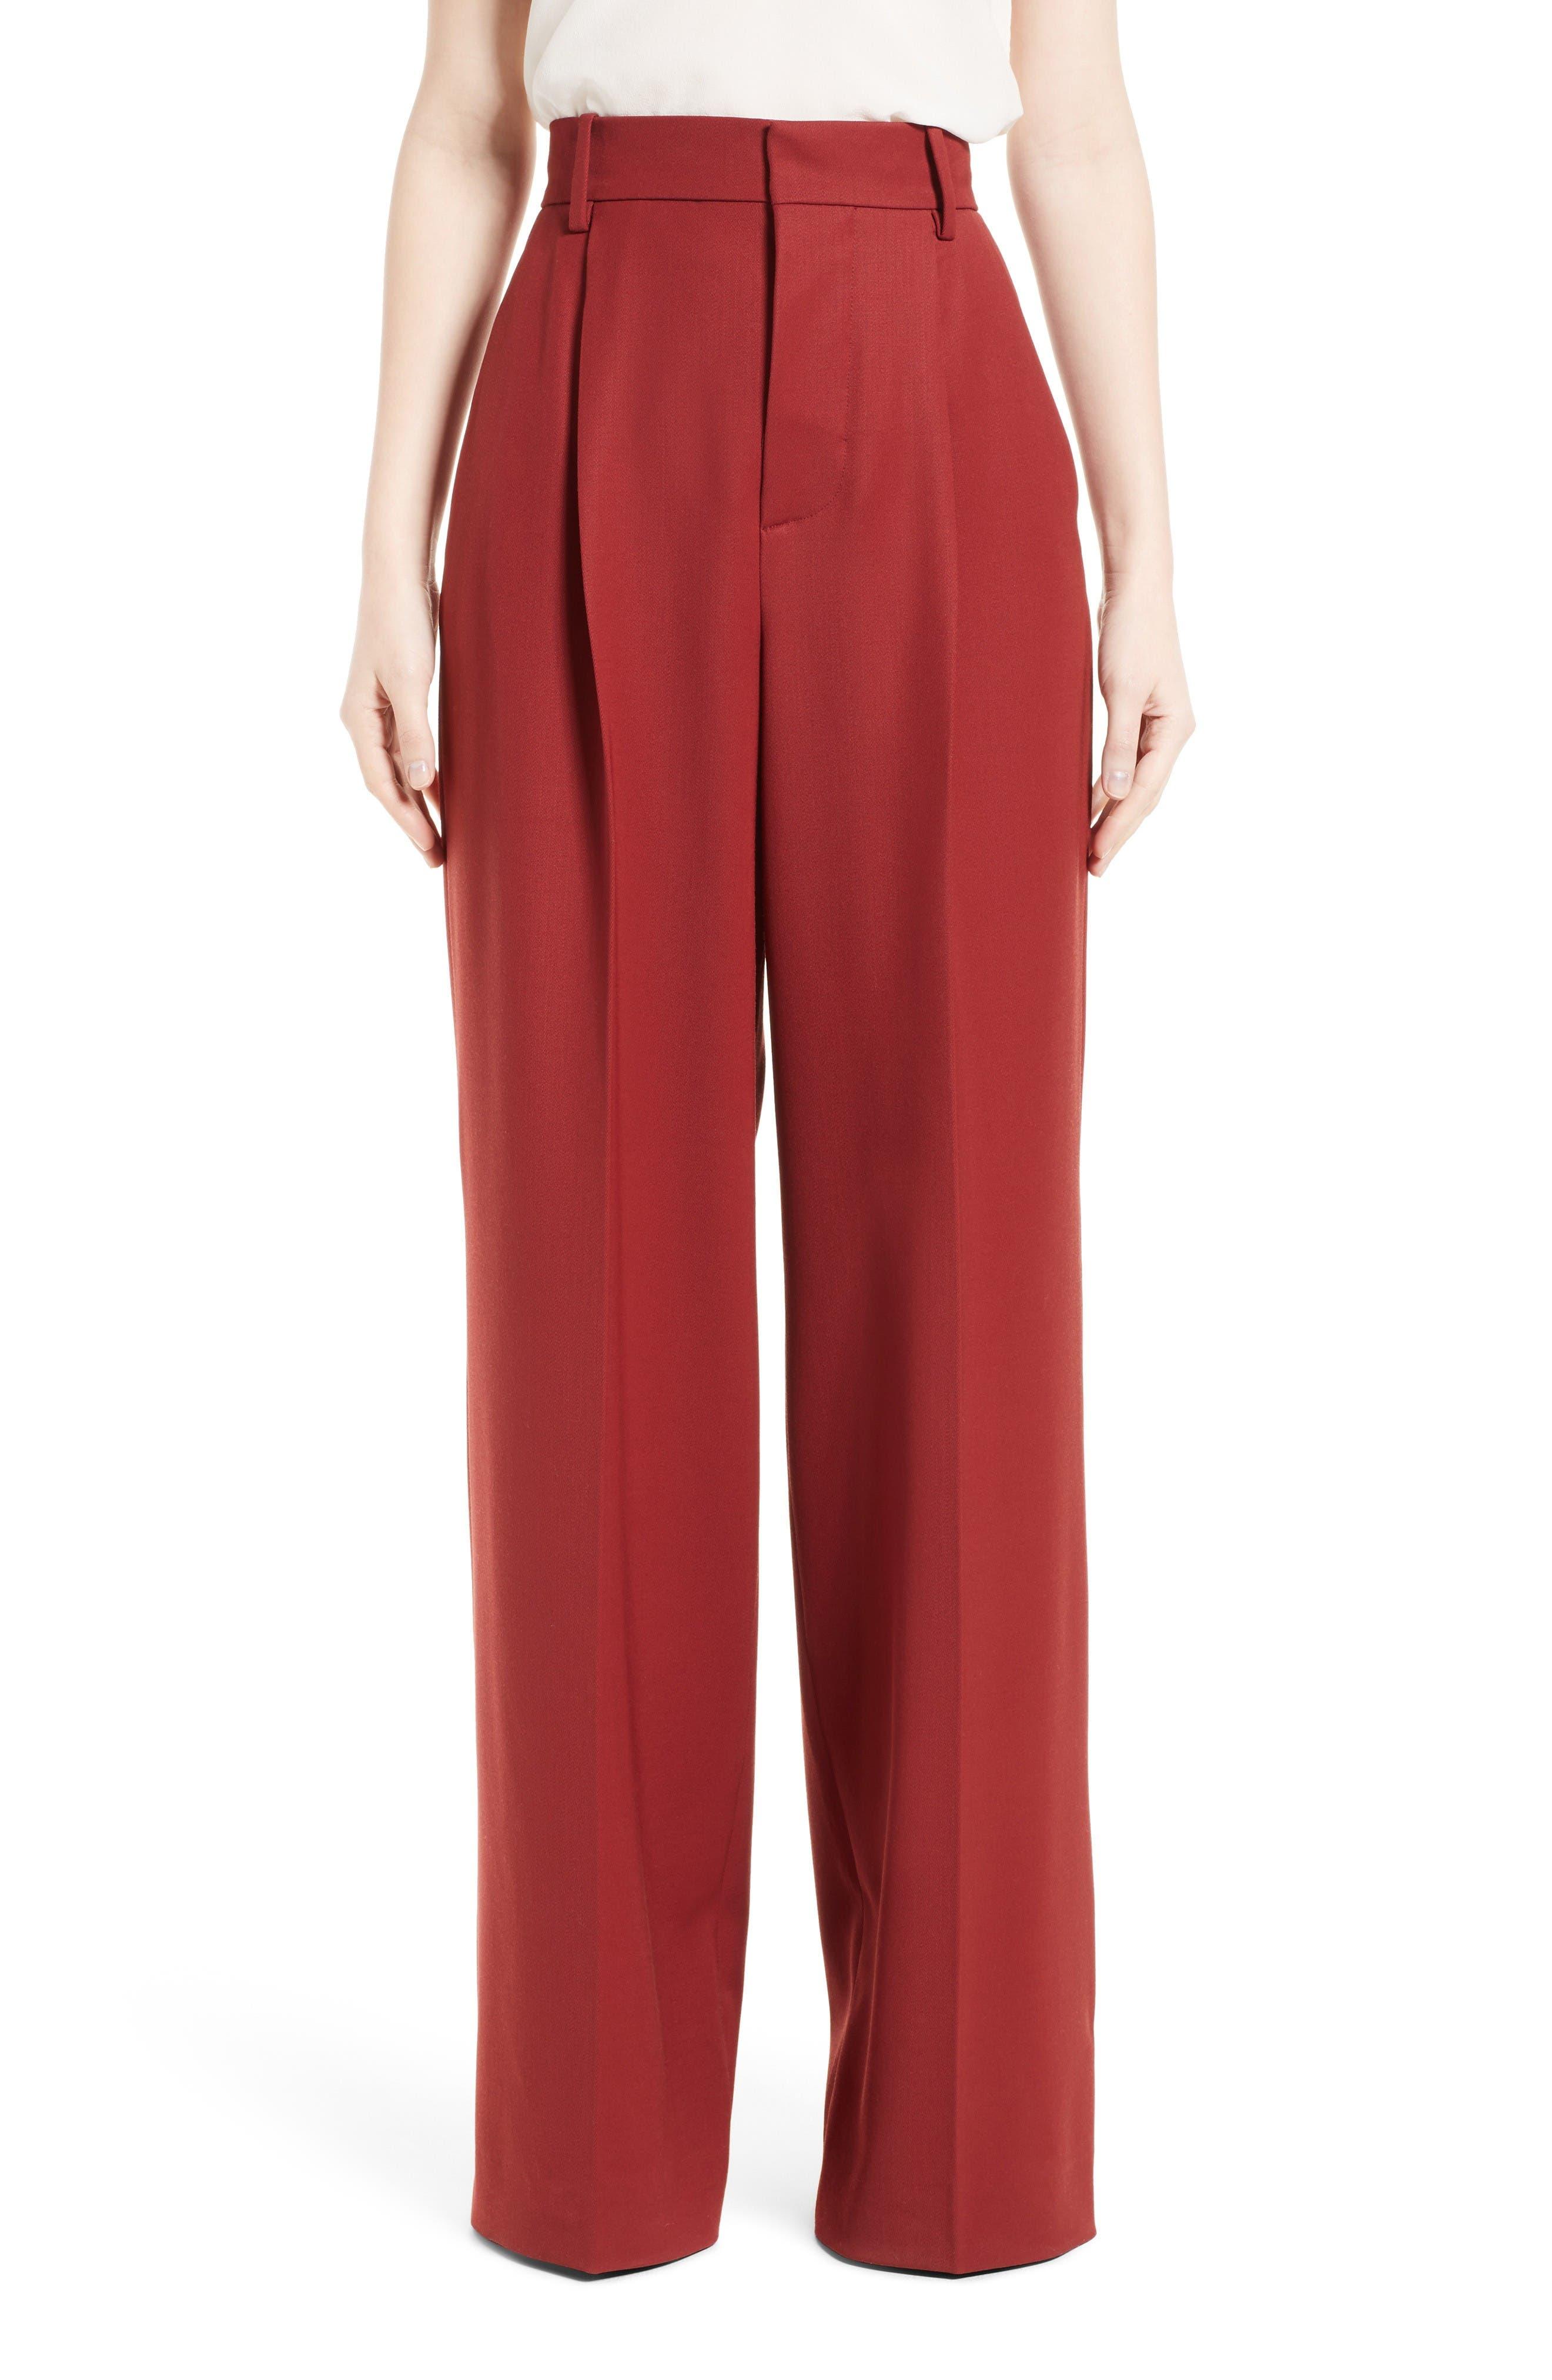 Main Image - Marni Stretch Wool Wide Leg Pants